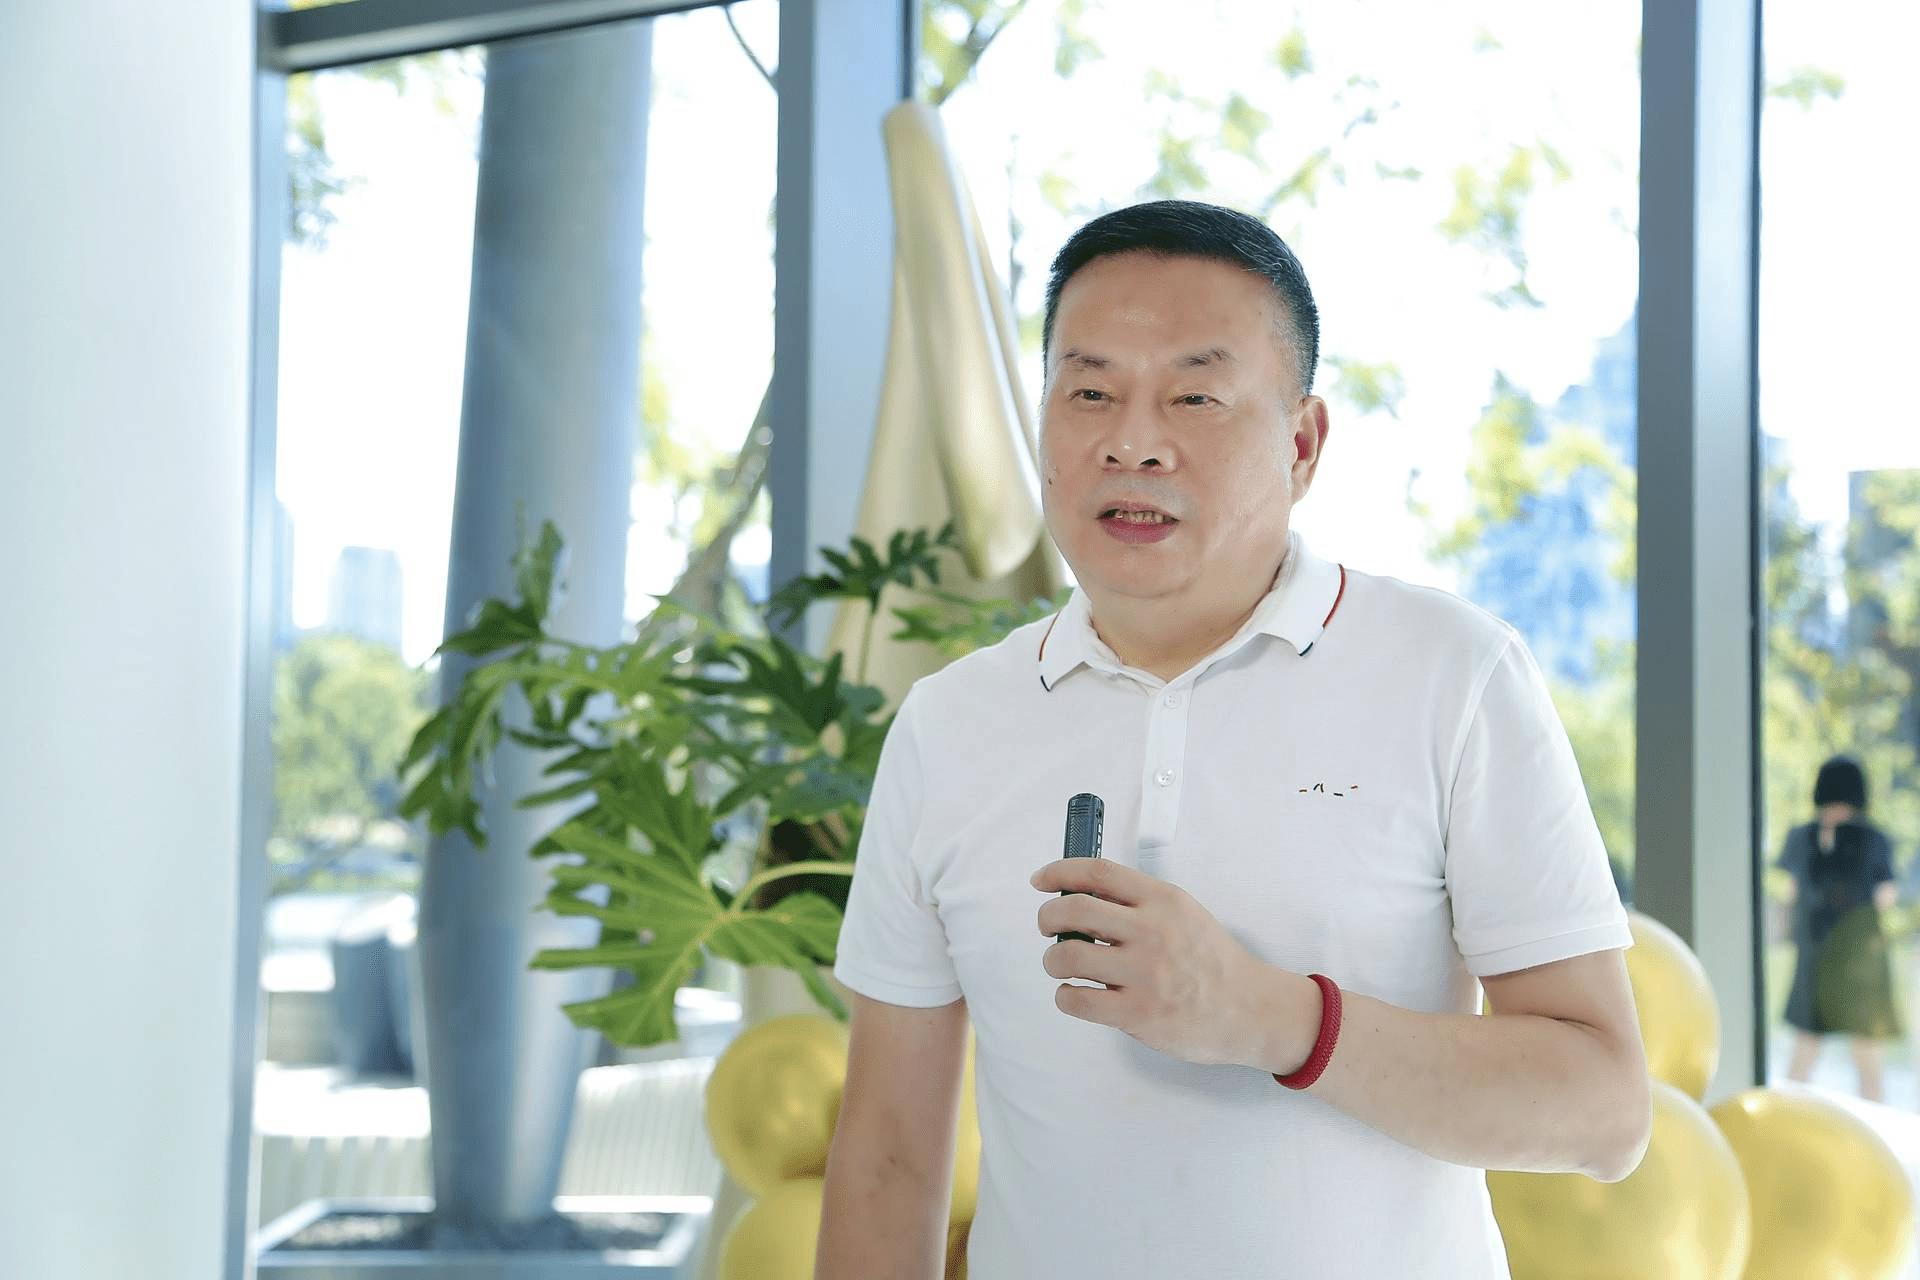 四川省文化品牌发展促进会美学专委会在麓湖举行成立仪式